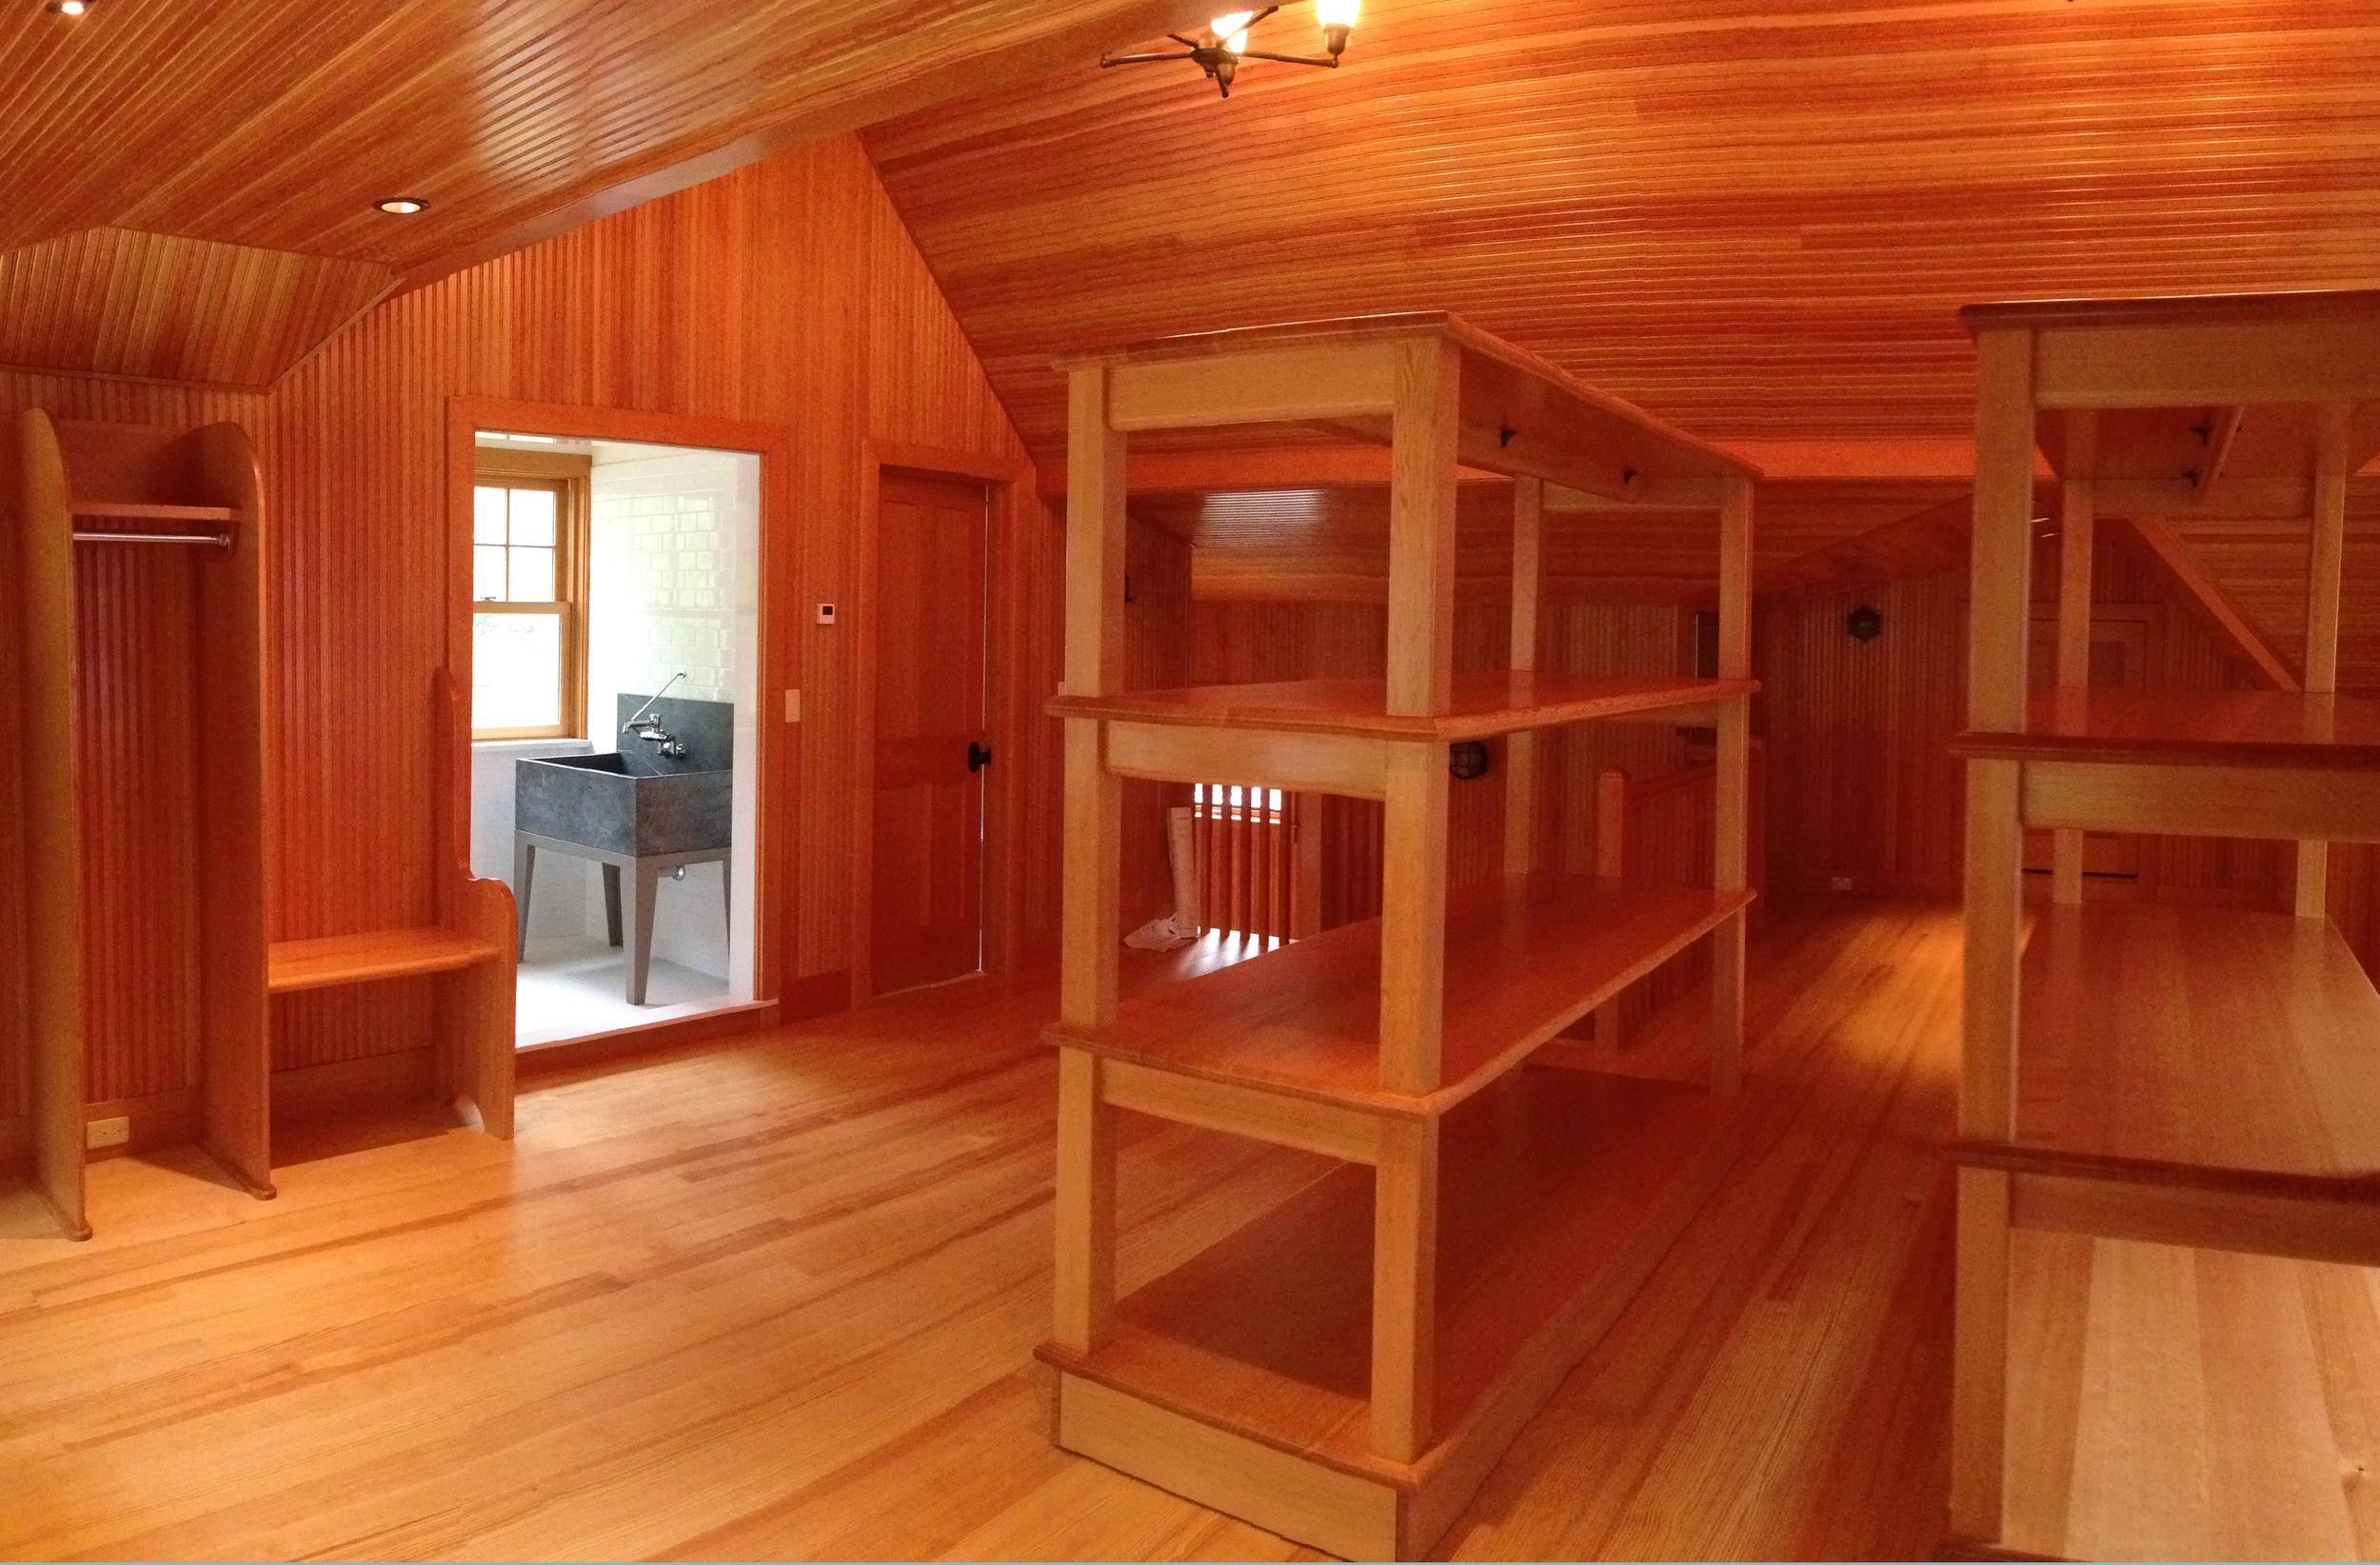 Garage Interior 3.jpg